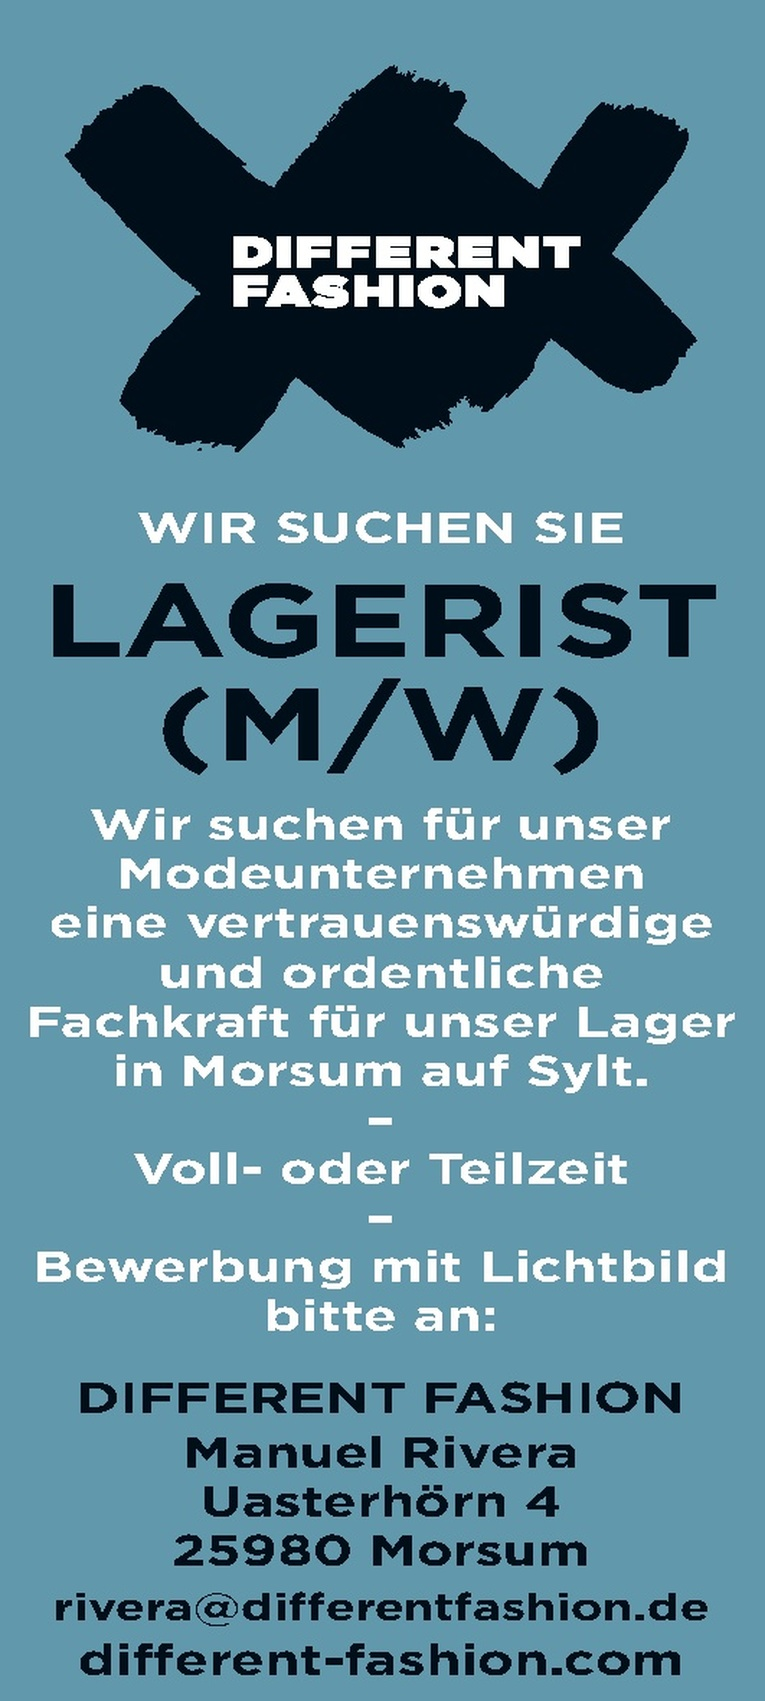 LAGERIST (M/W)